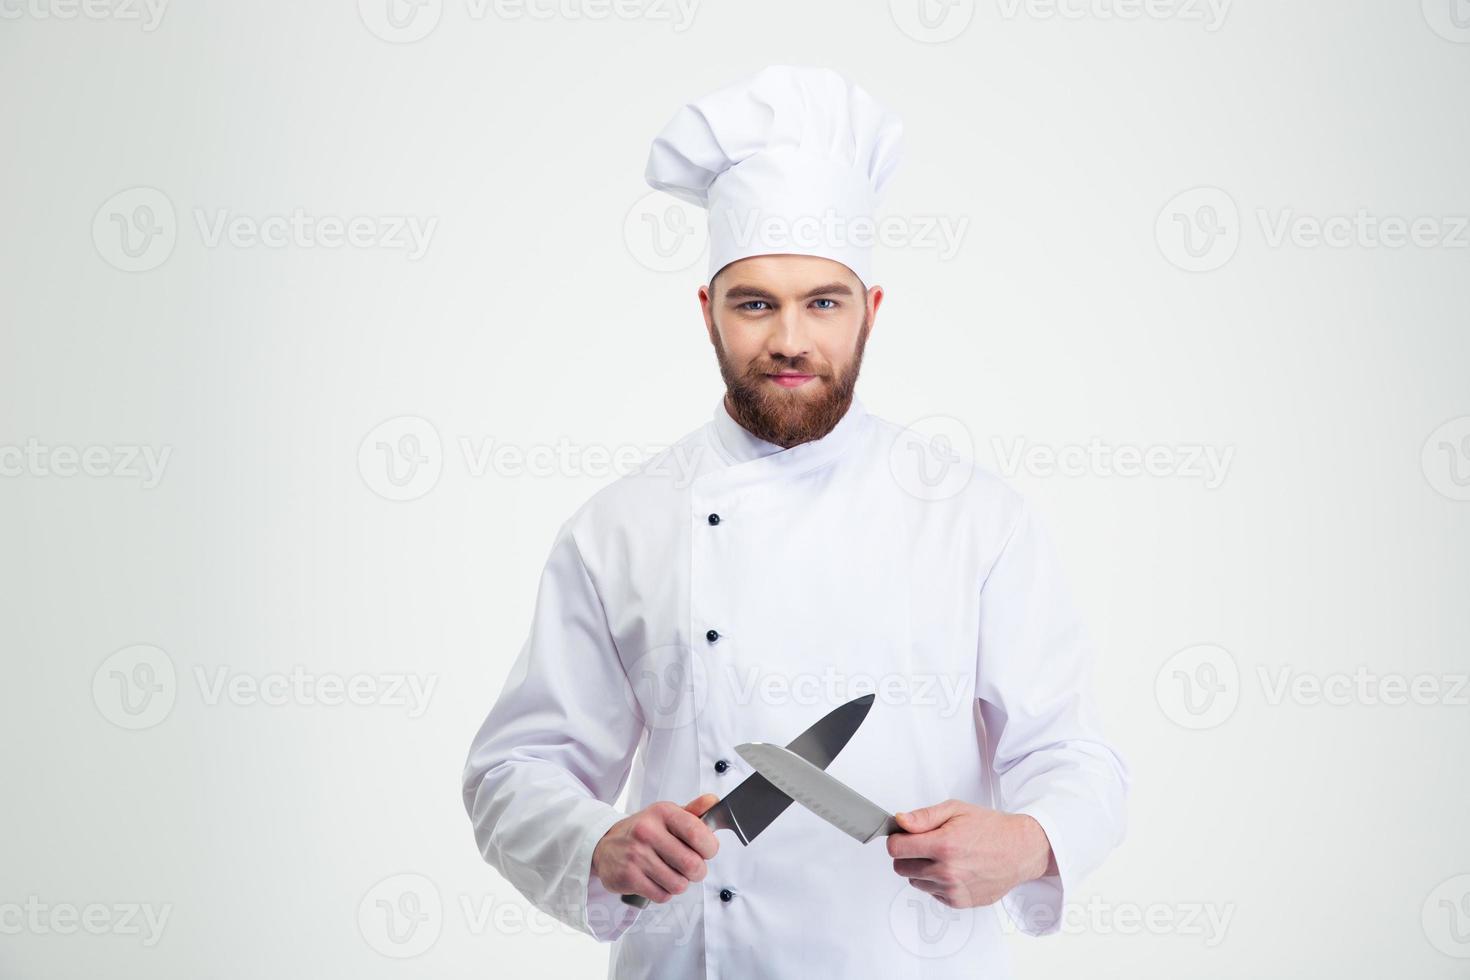 felice chef maschio cuoco affilare il coltello foto